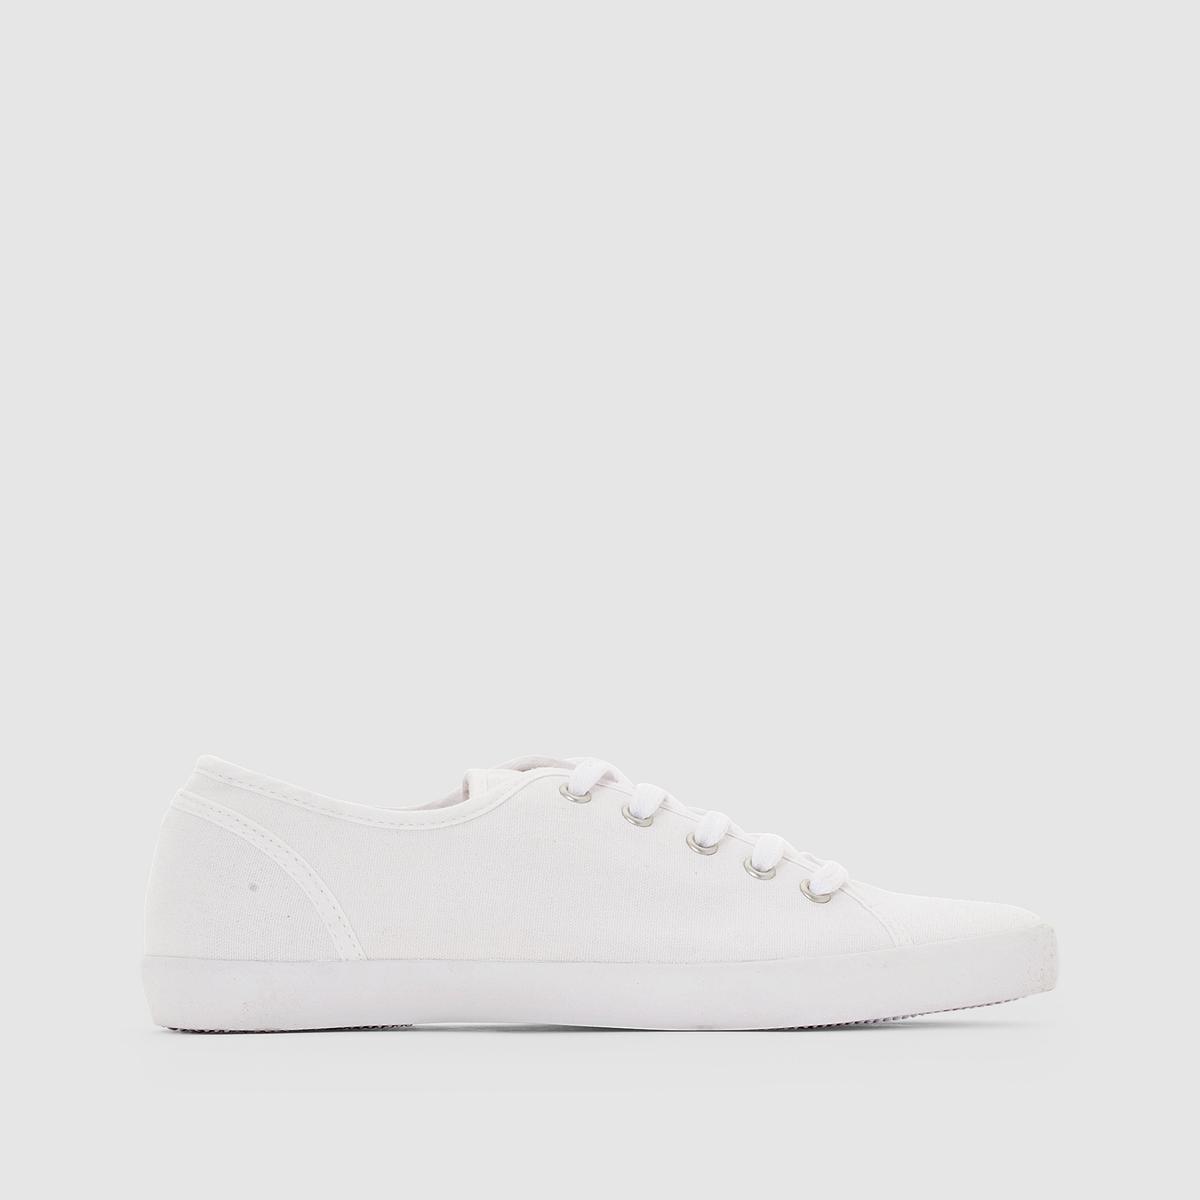 Кеды из тканиДетали •  Спортивный стиль •  Плоский каблук •  Высота каблука : 0 см •  Застежка : шнуровка •  Гладкая отделкаСостав и уход   •  Верх 100% хлопок •  Подкладка 100% хлопок<br><br>Цвет: белый<br>Размер: 36.38.40.37